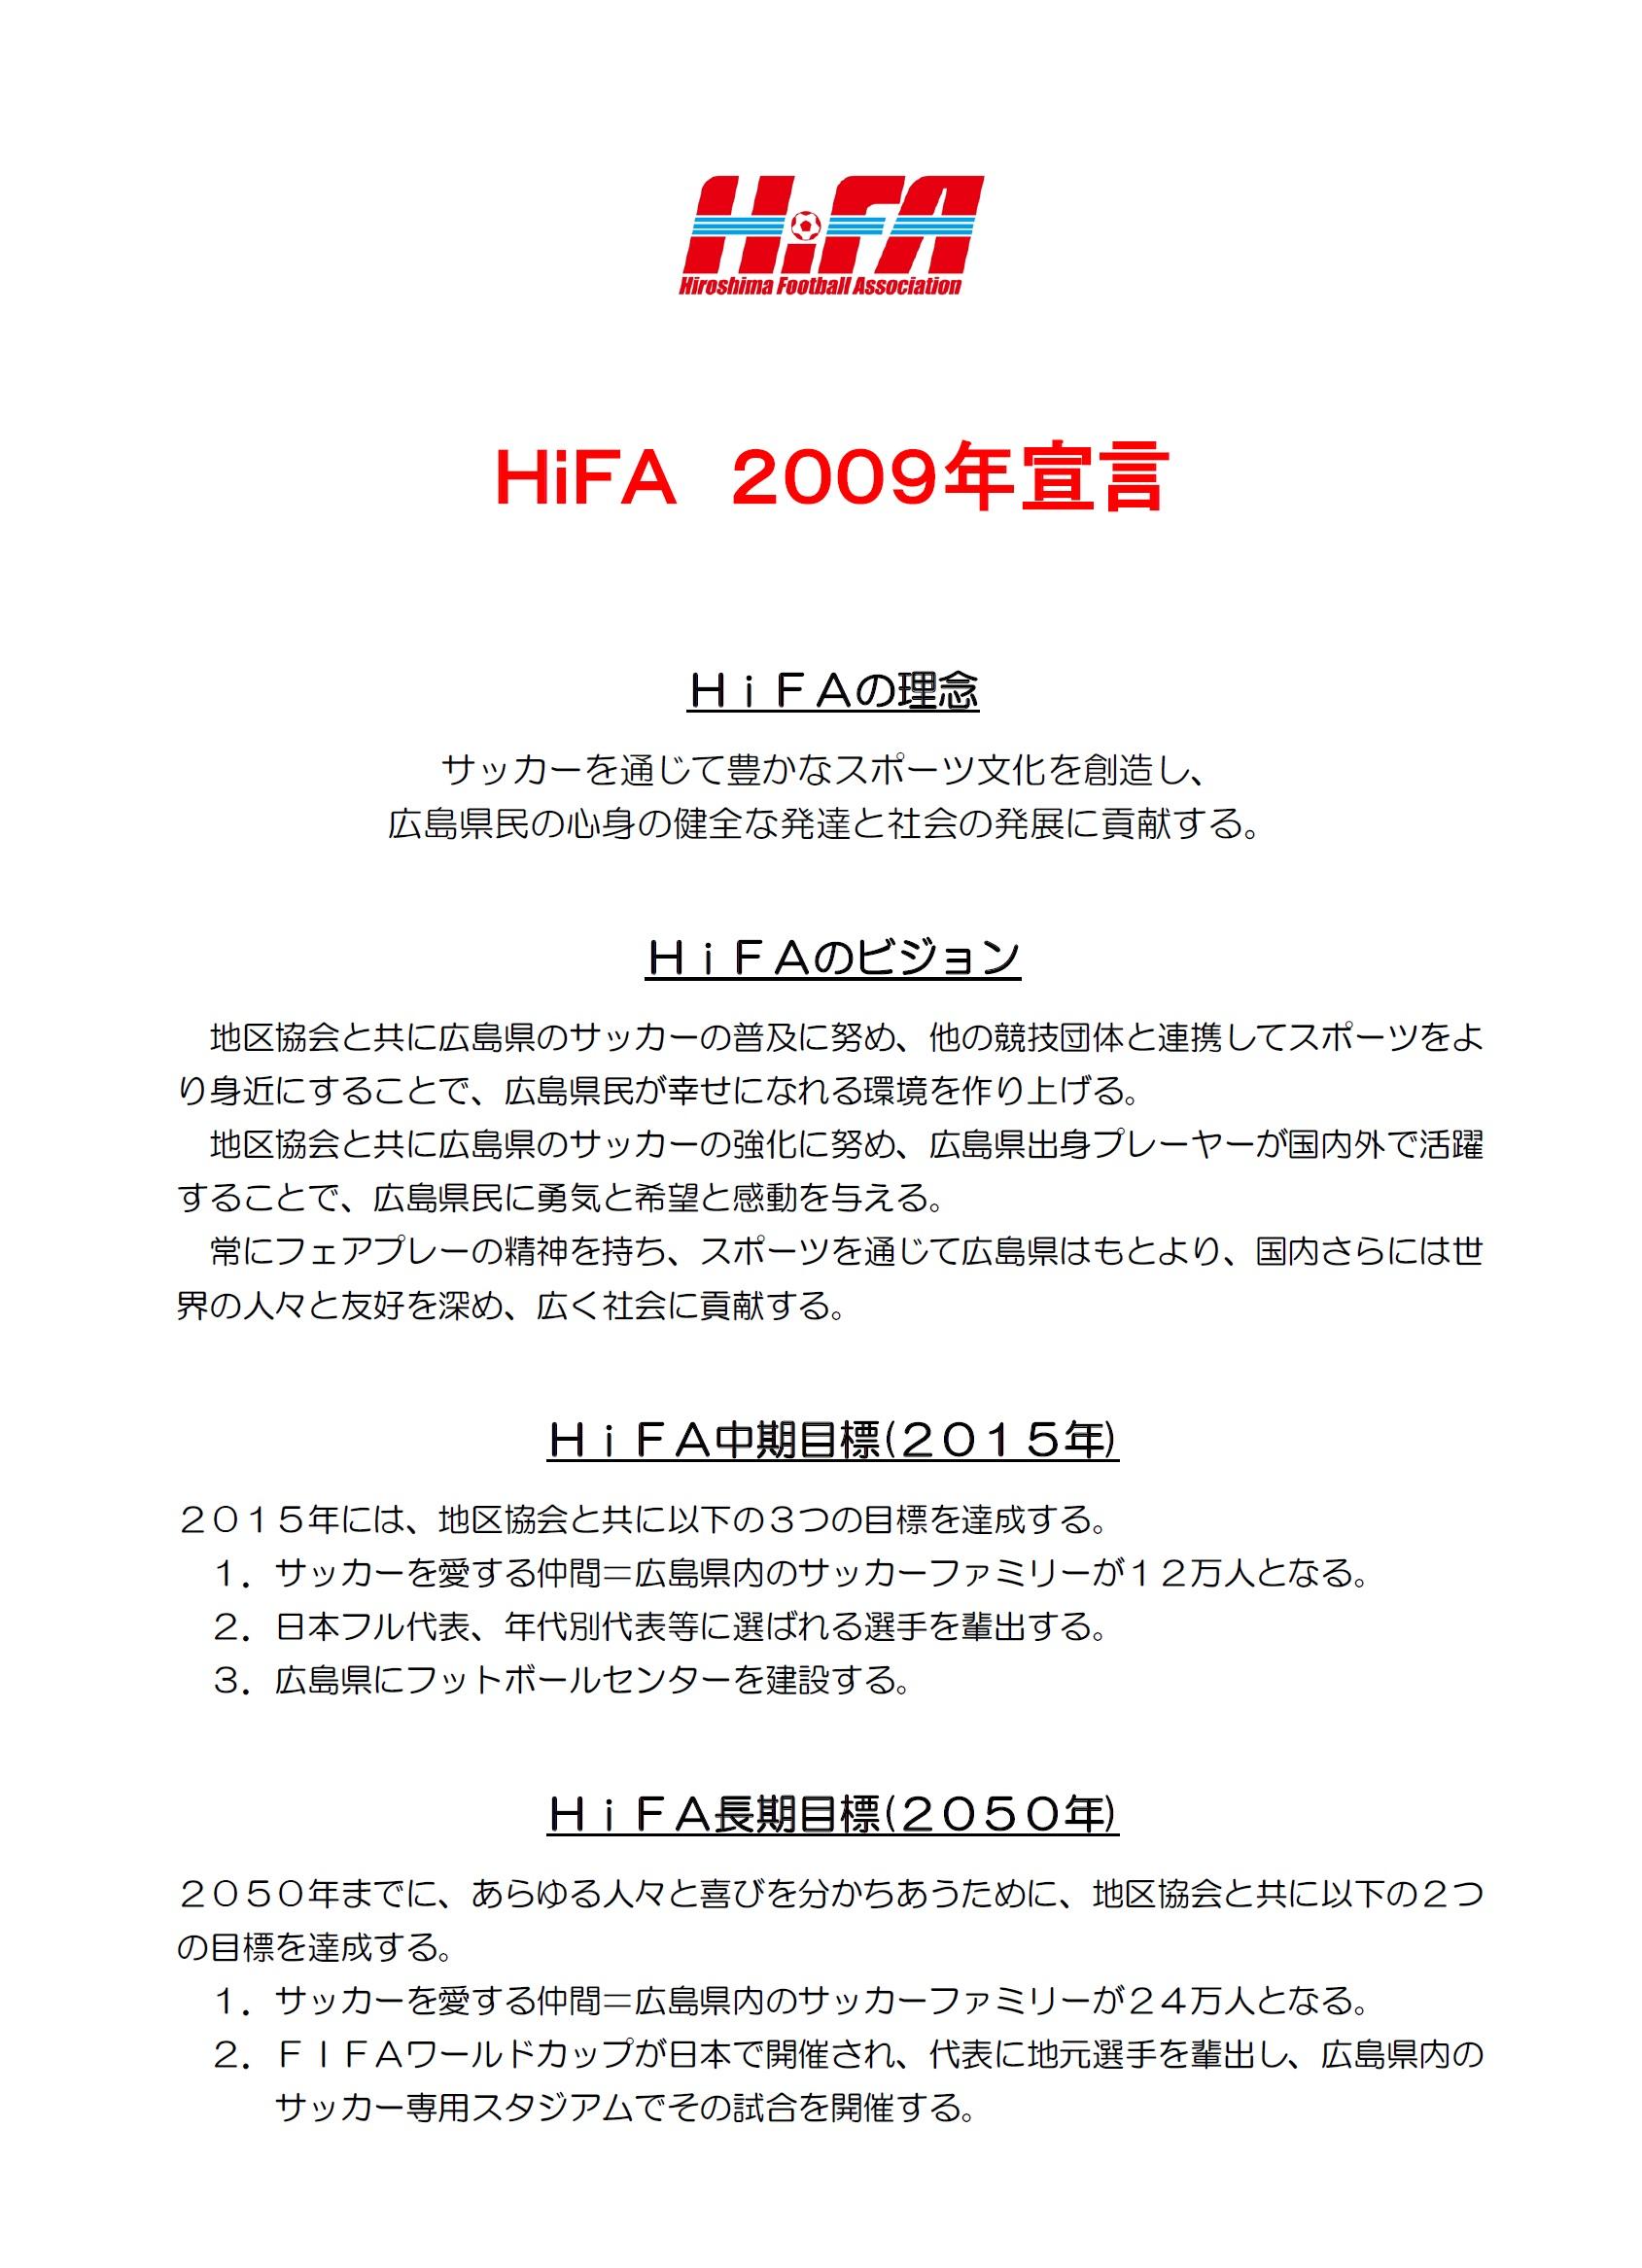 HiFA2009宣言.jpg